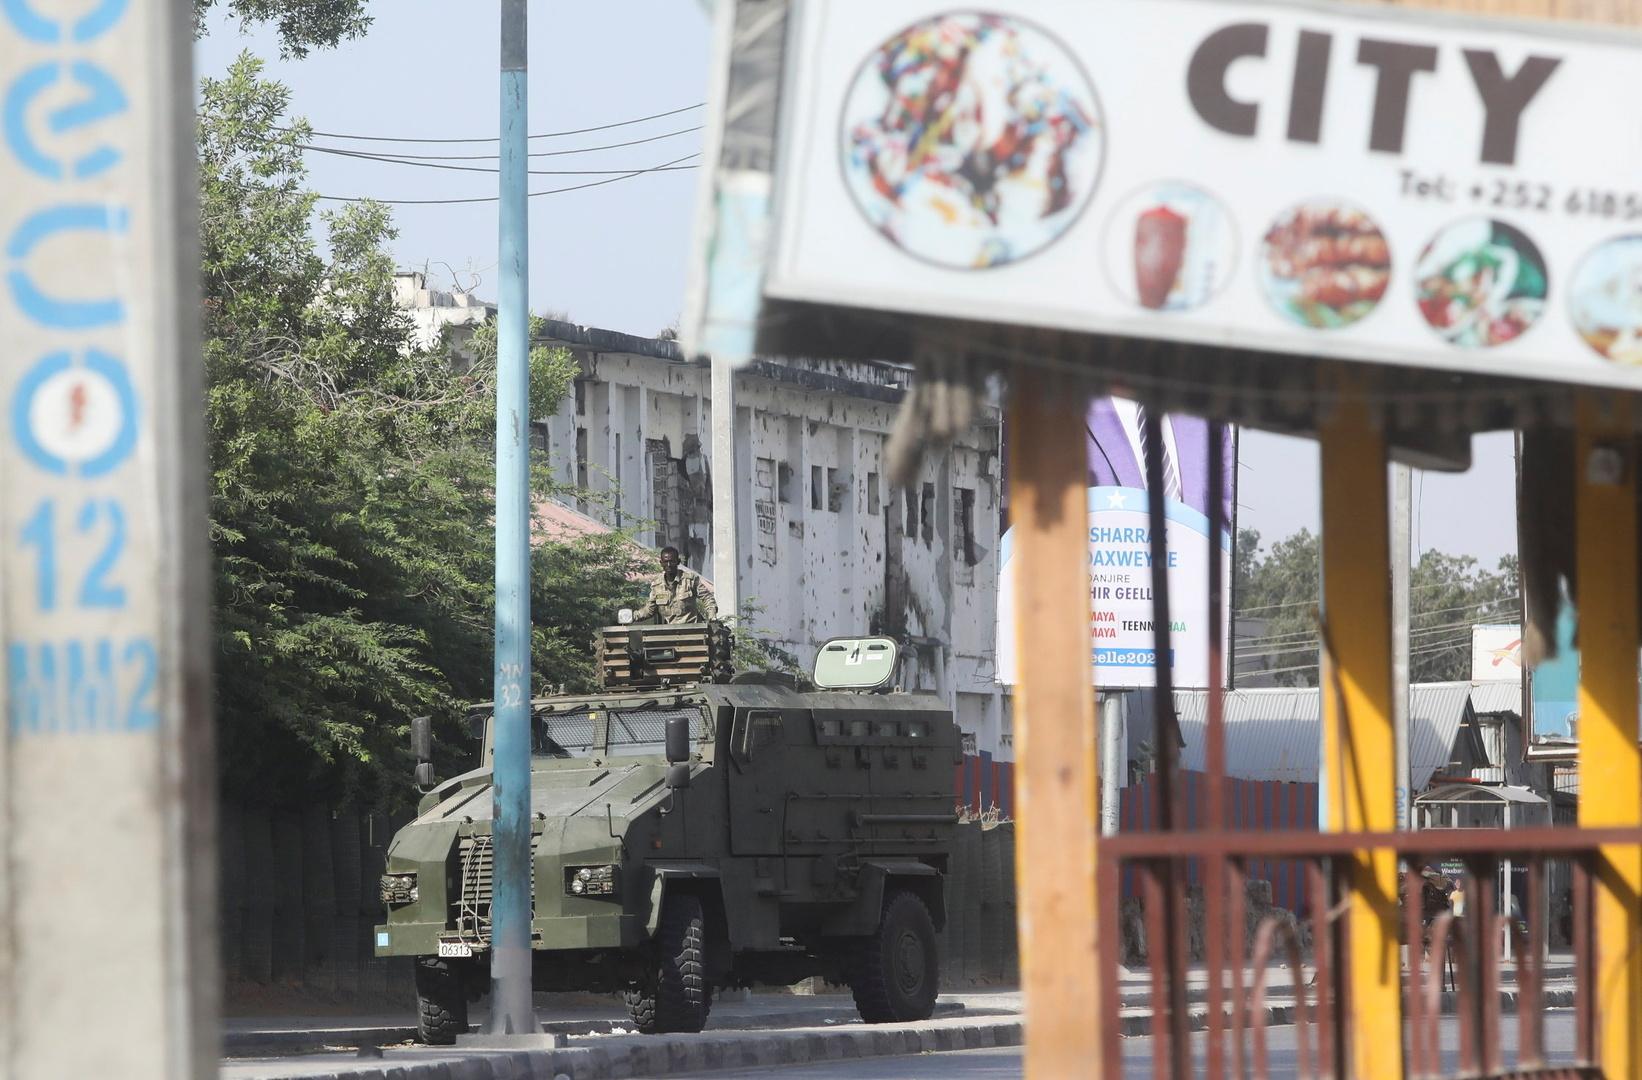 الصومال تحمل قوى خارجية المسؤولية عن عرقلة توجهها نحو الانتخابات